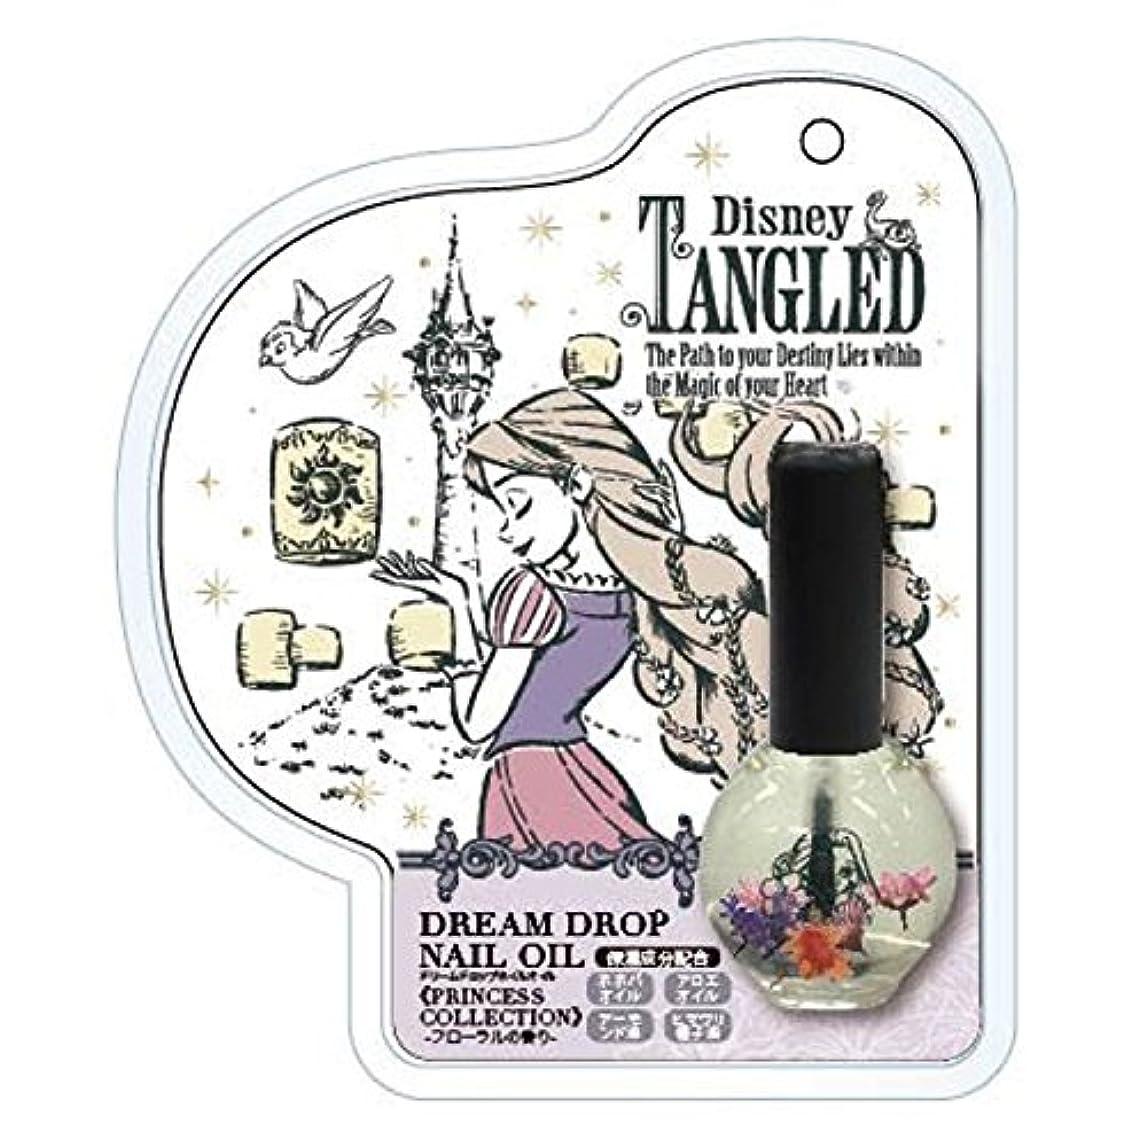 バイオリンお金グリルドリームドロップネイルオイル プリンセスコレクション ラプンツェル -フローラルの香り- DN04751